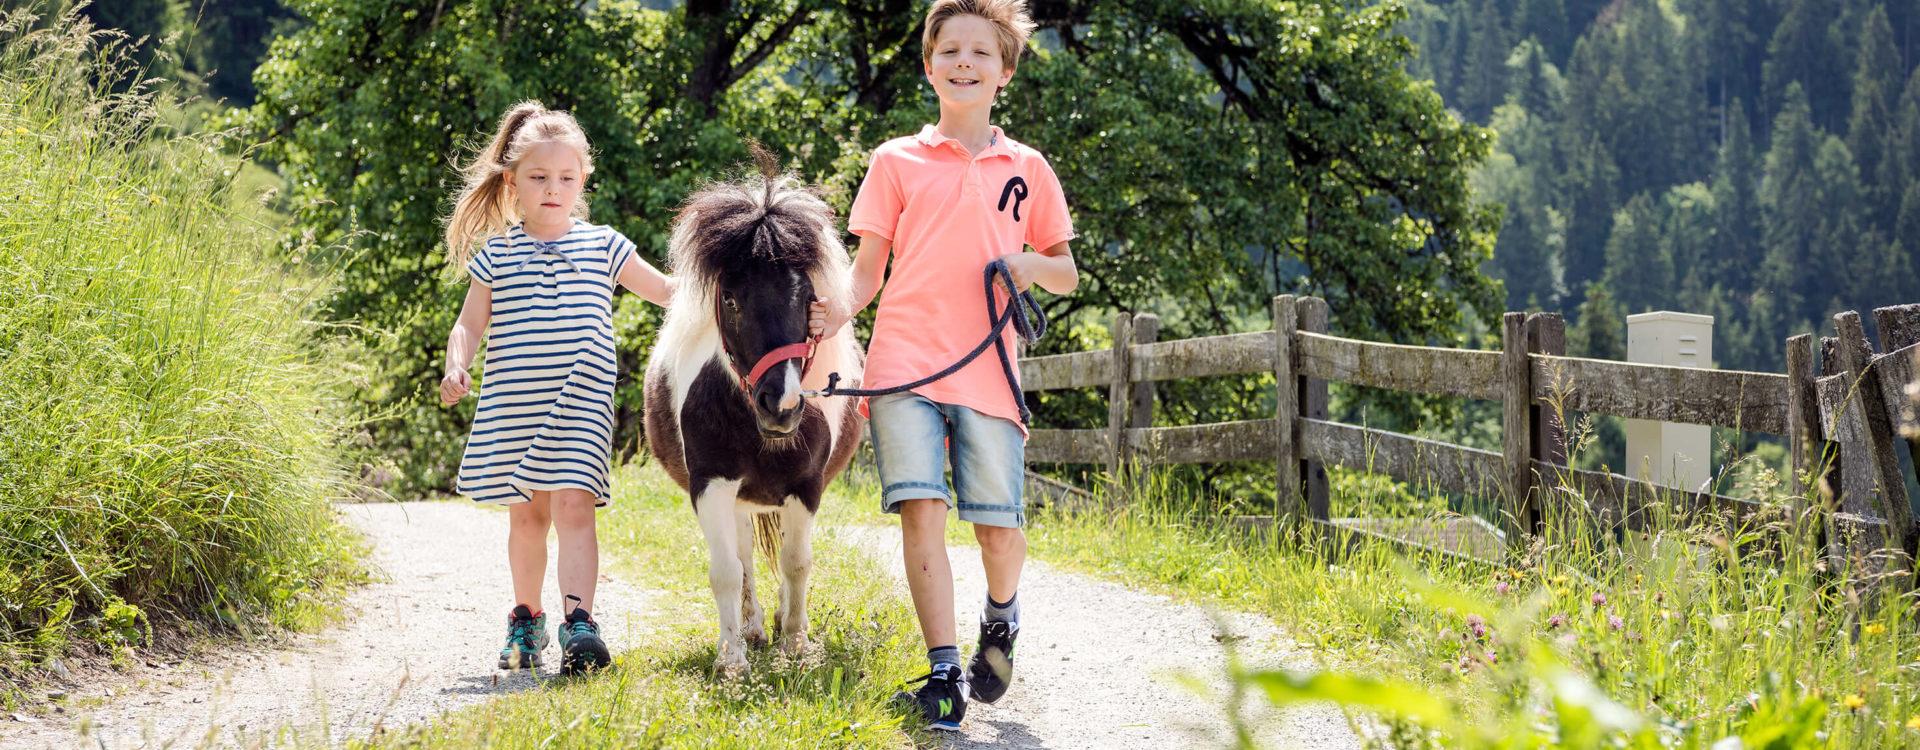 Pony spaziert mit Kindern